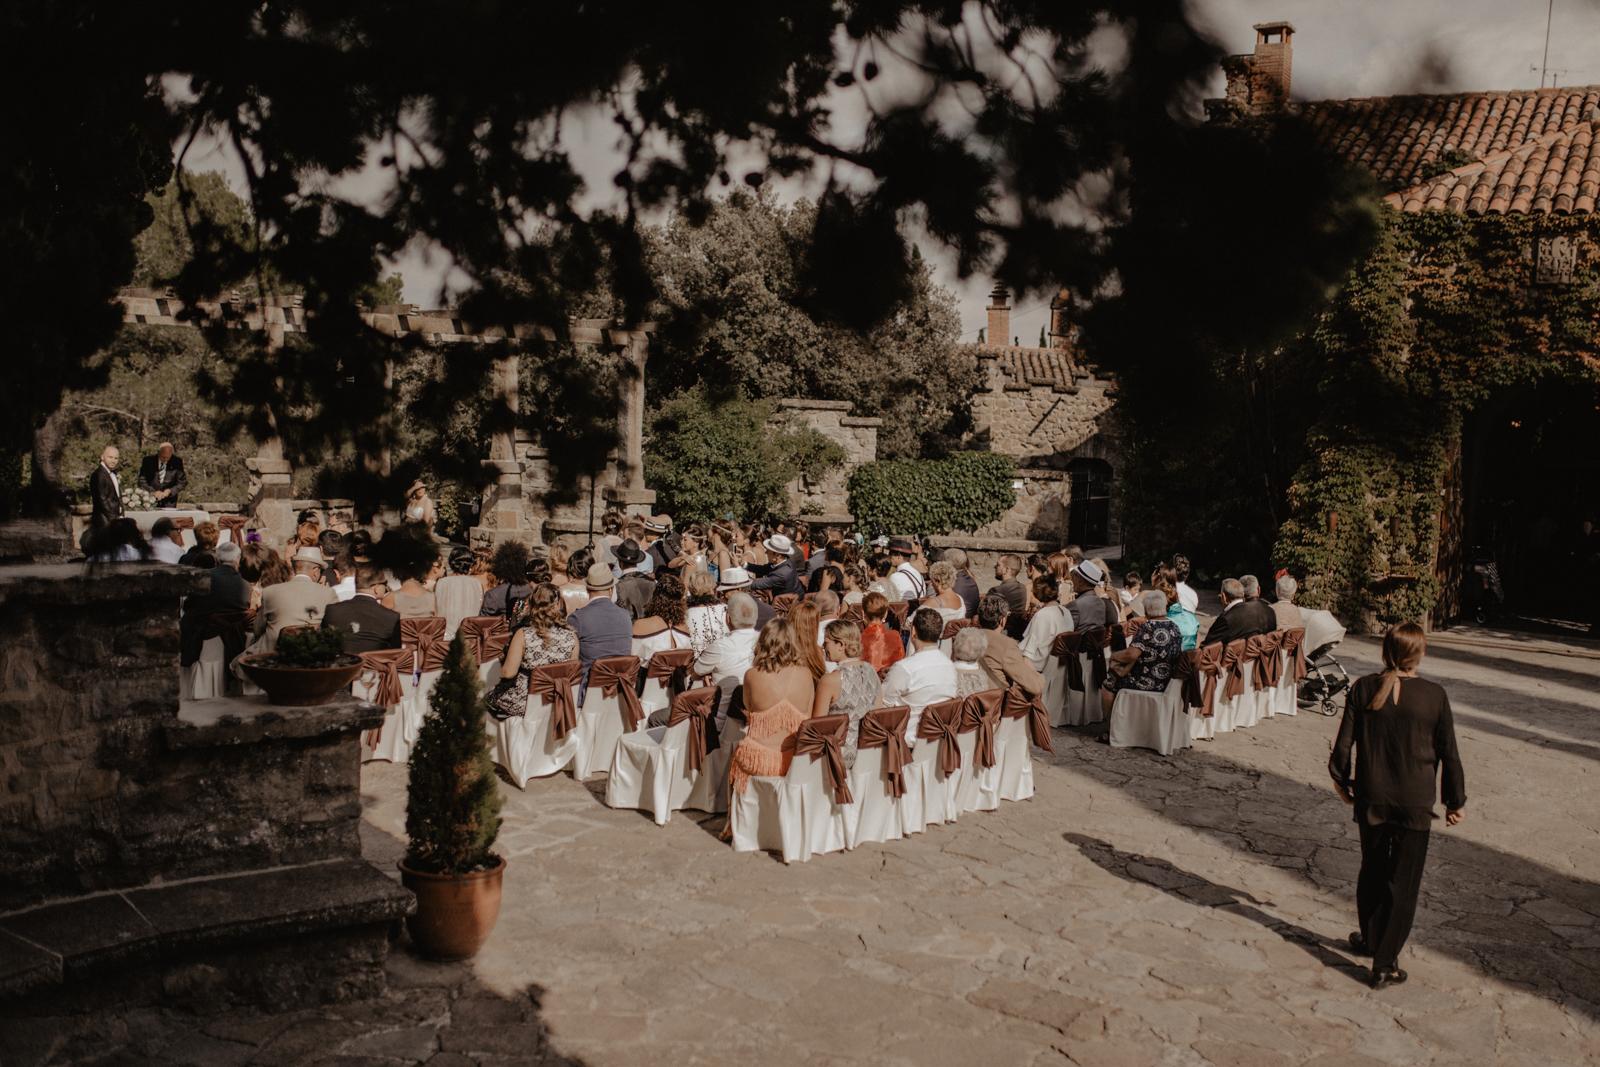 thenortherngirlphotography_photography_thenortherngirl_rebeccascabros_wedding_weddingphotography_weddingphotographer_barcelona_bodaenlabaronia_labaronia_japanesewedding_destinationwedding_shokoalbert-352.jpg